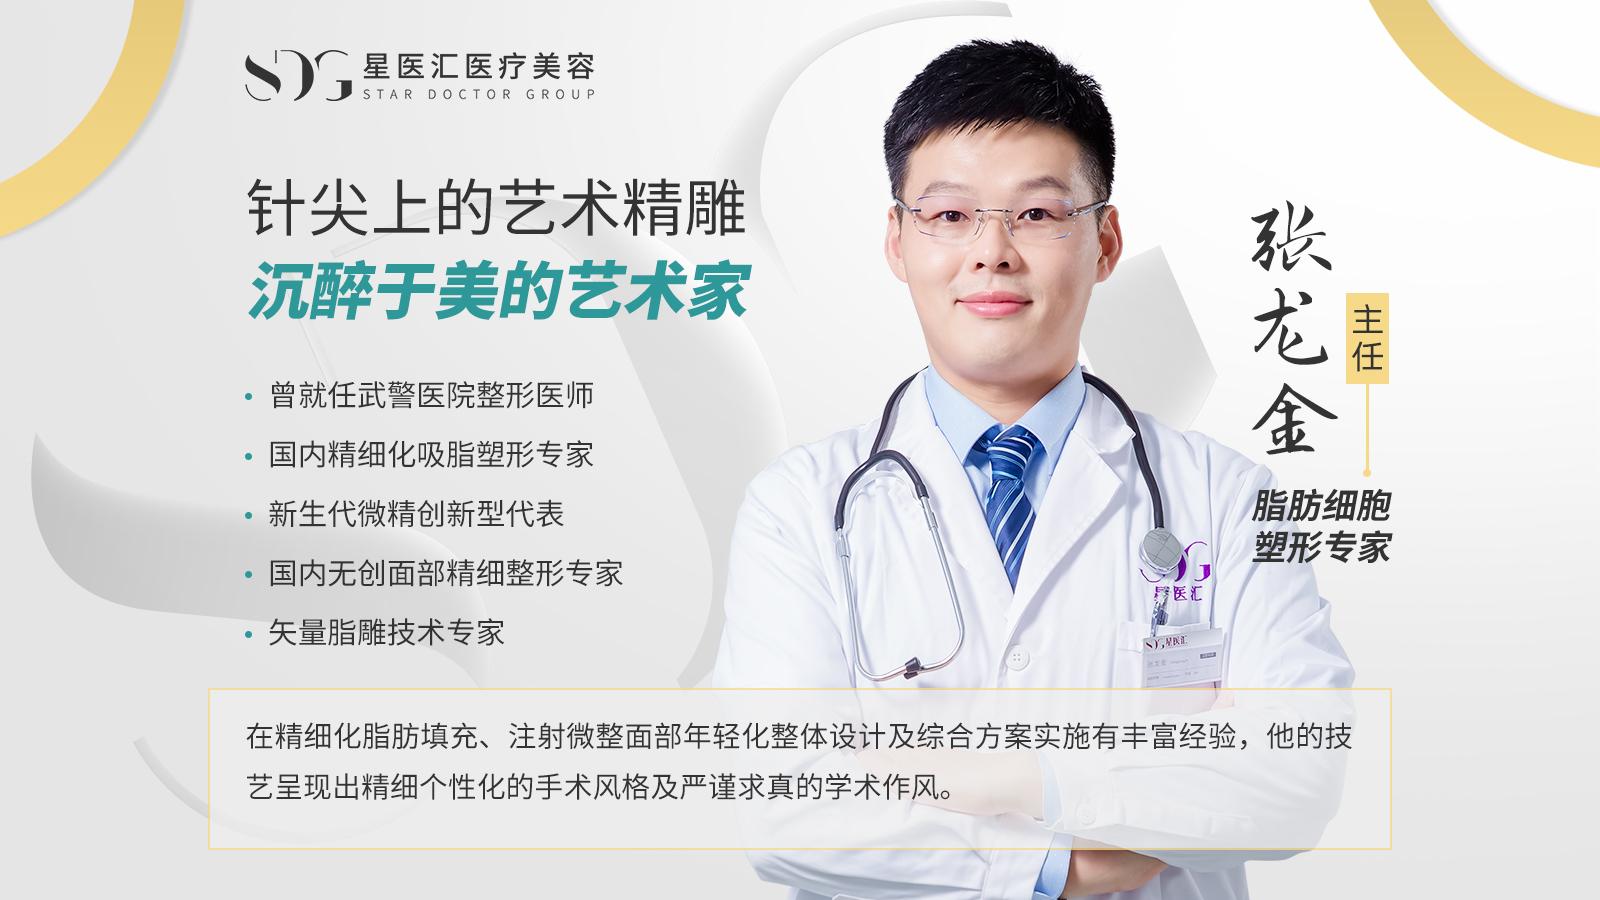 北京吸脂医生哪里找,星医汇星团队值得一看